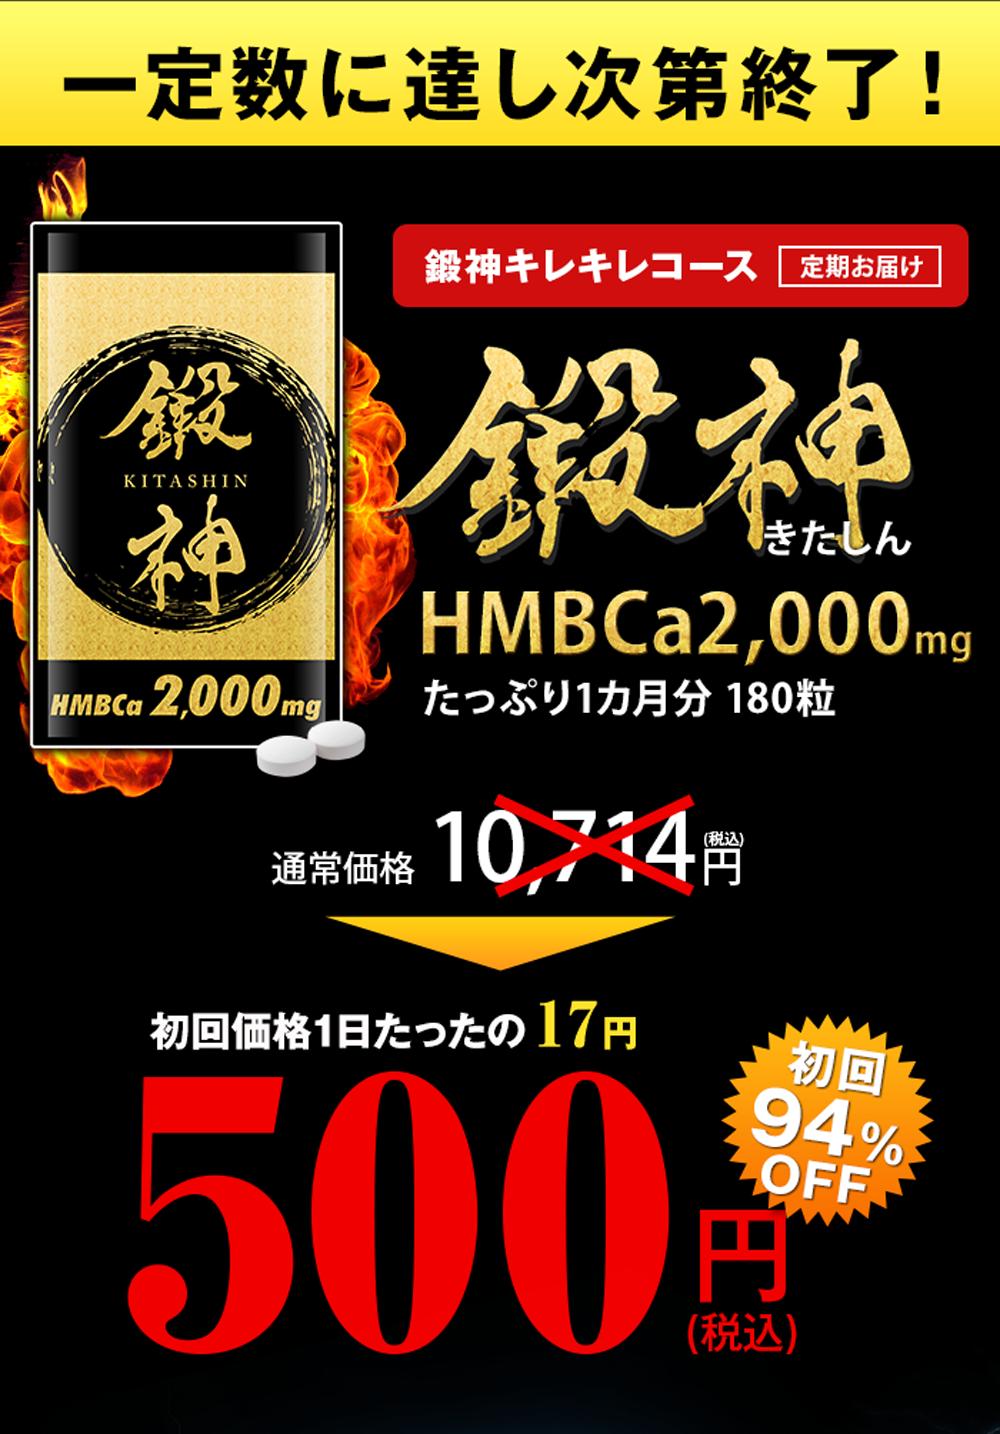 鍛神hmb2000mgサプリメント、お得な定期コースは一定数に達し次第終了!今だけ初回980円でお届け致します!